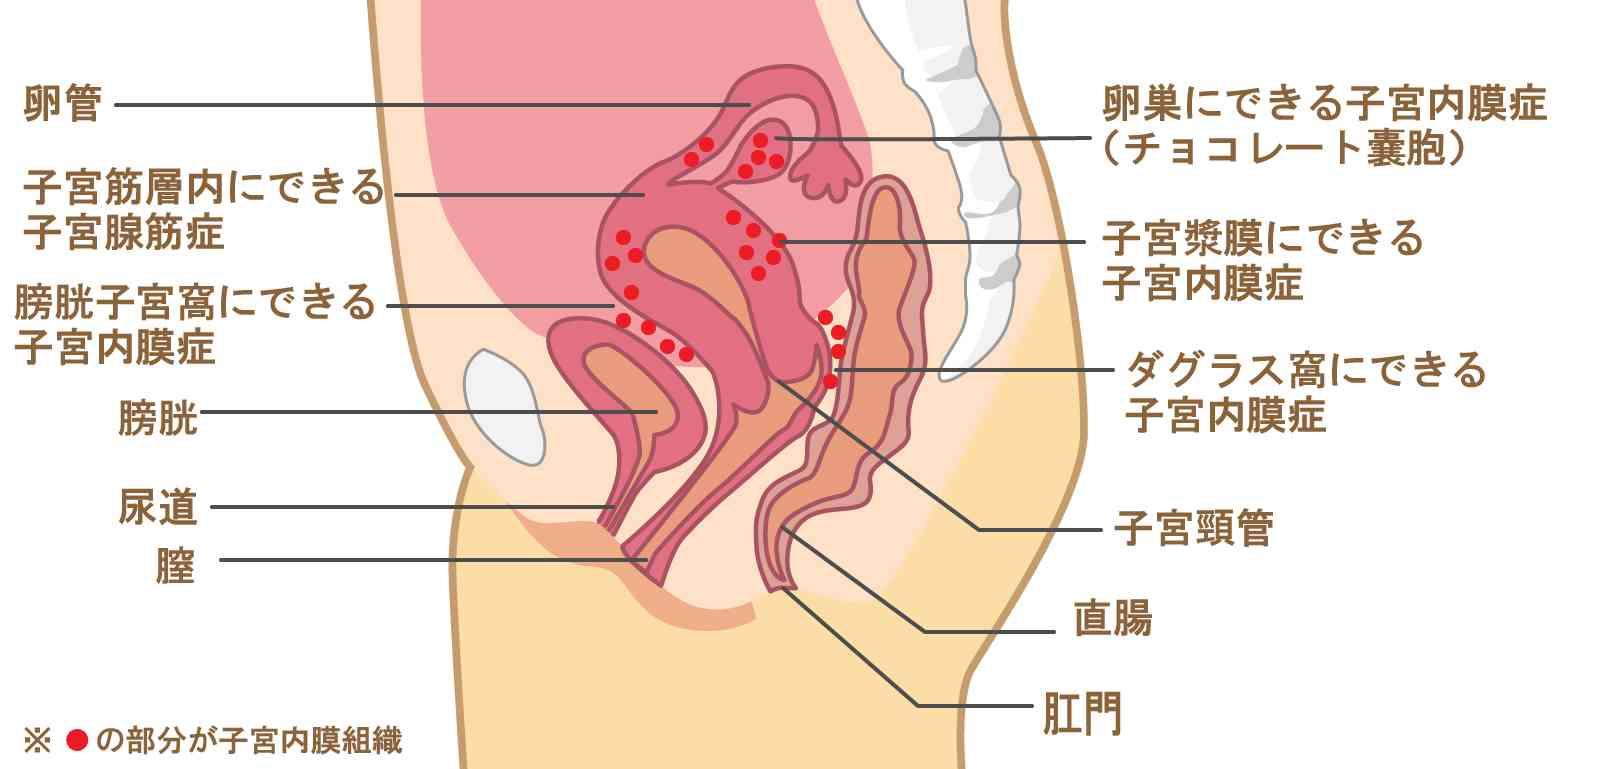 子宮内膜症のできやすい場所